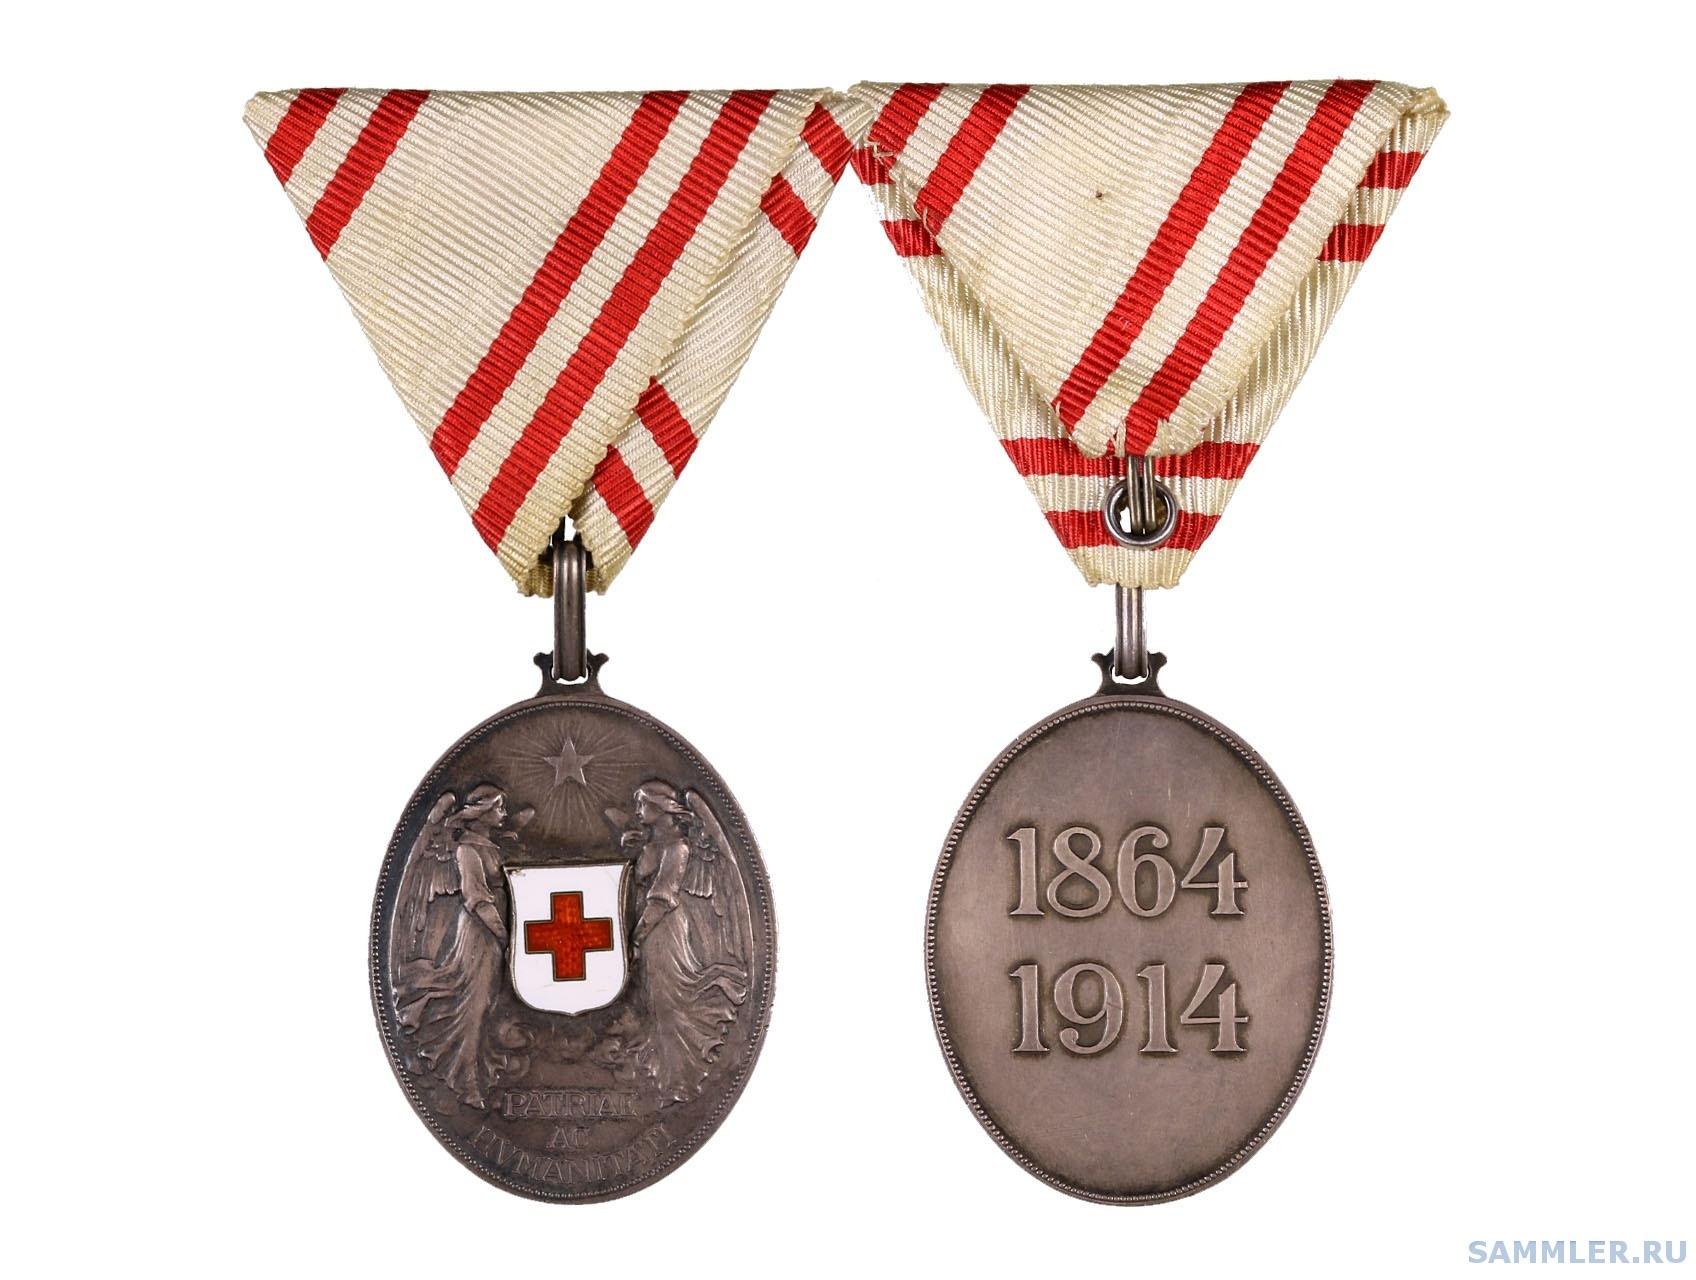 10691-01.jpg